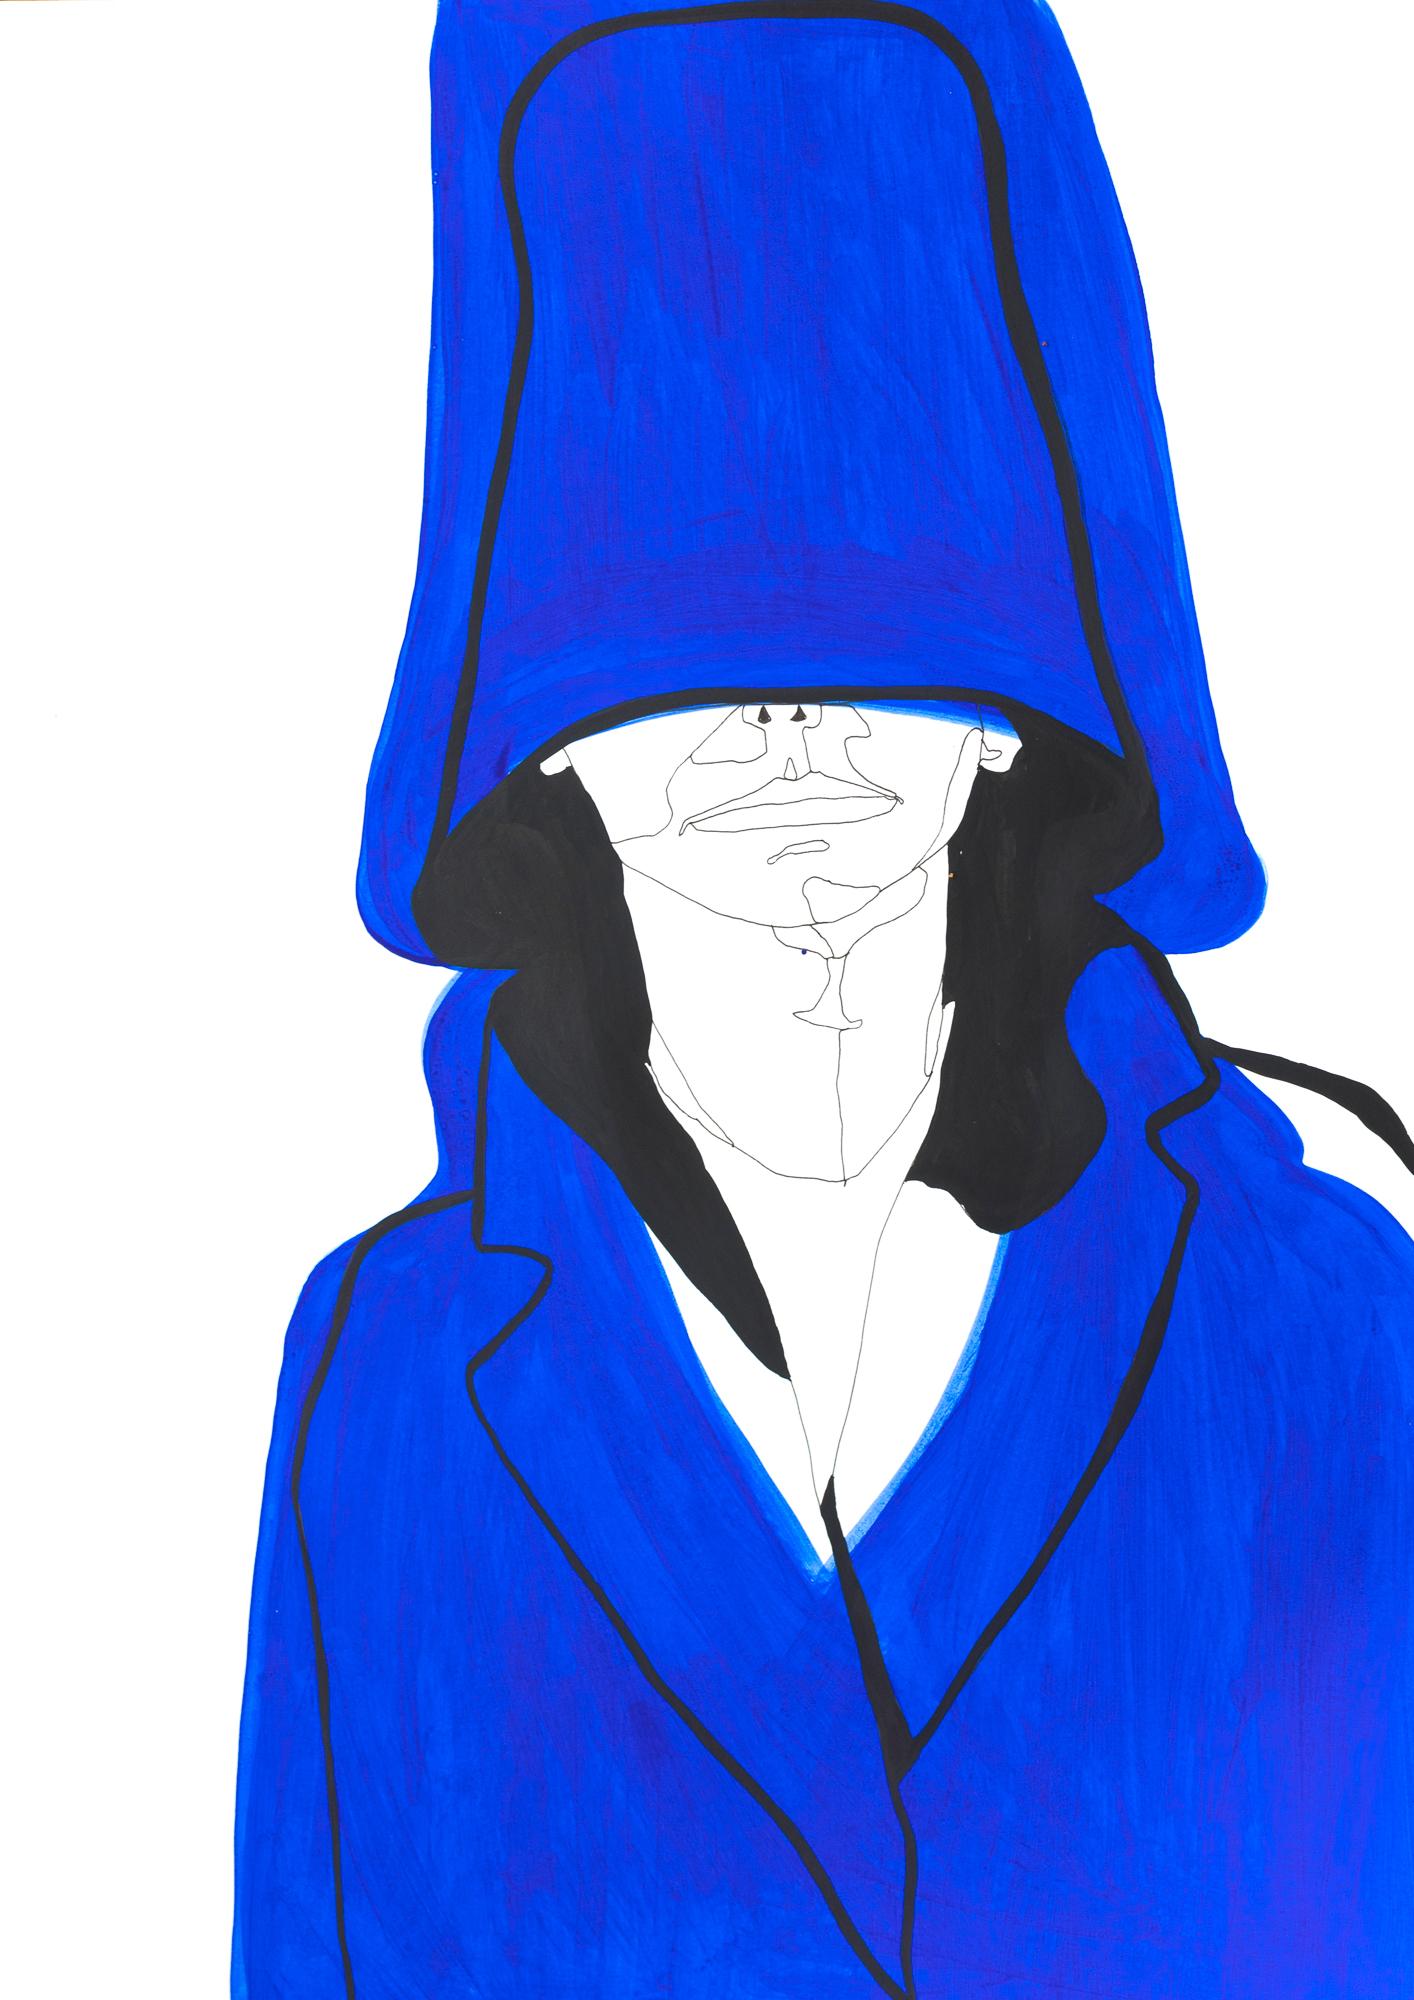 drawings (6 of 8).jpg